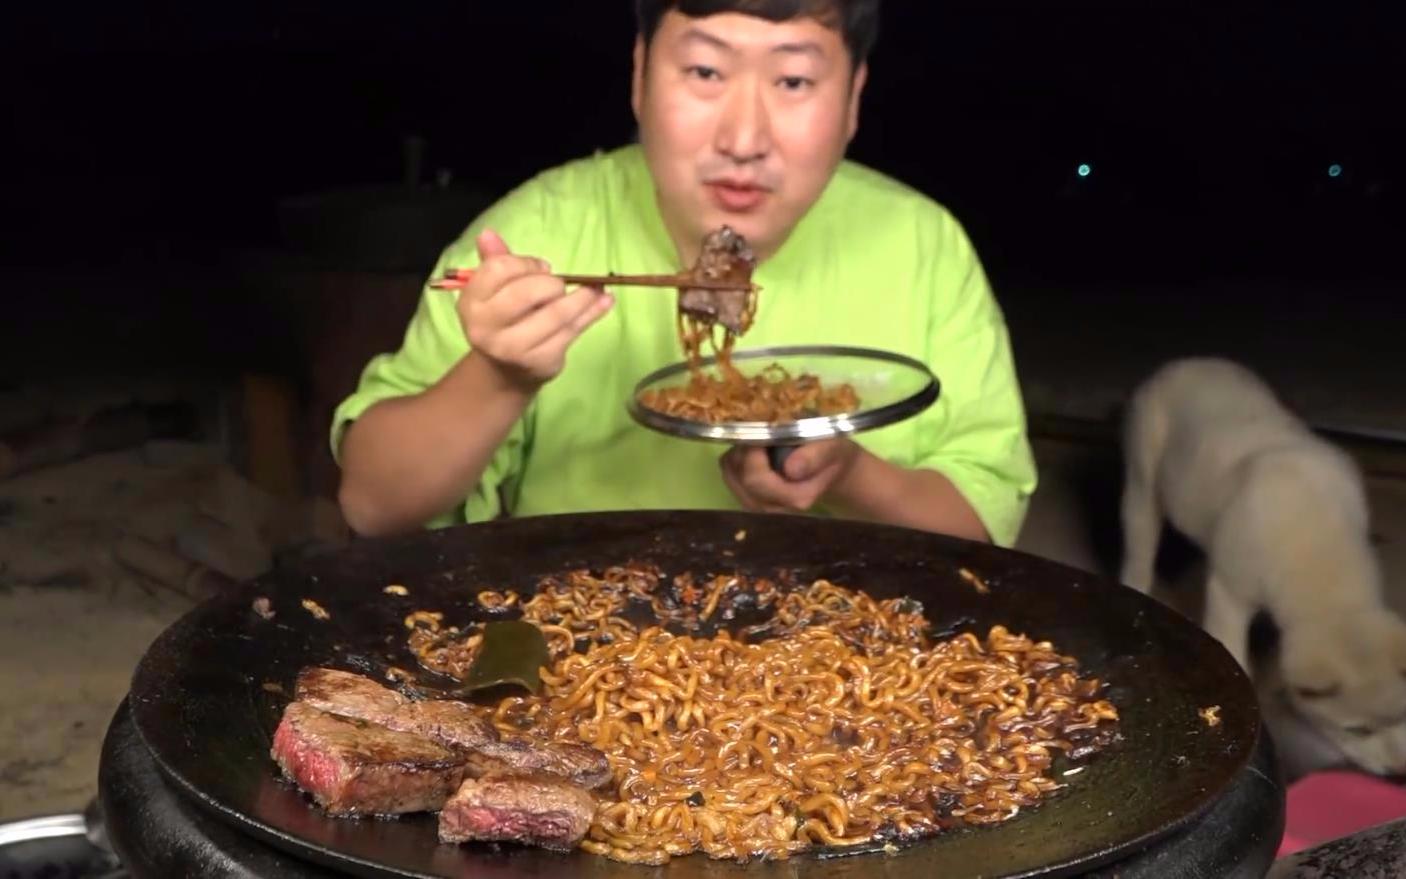 深夜一人独享美味黏稠的炸酱面,配上一些烤肉吃起来直流口水!